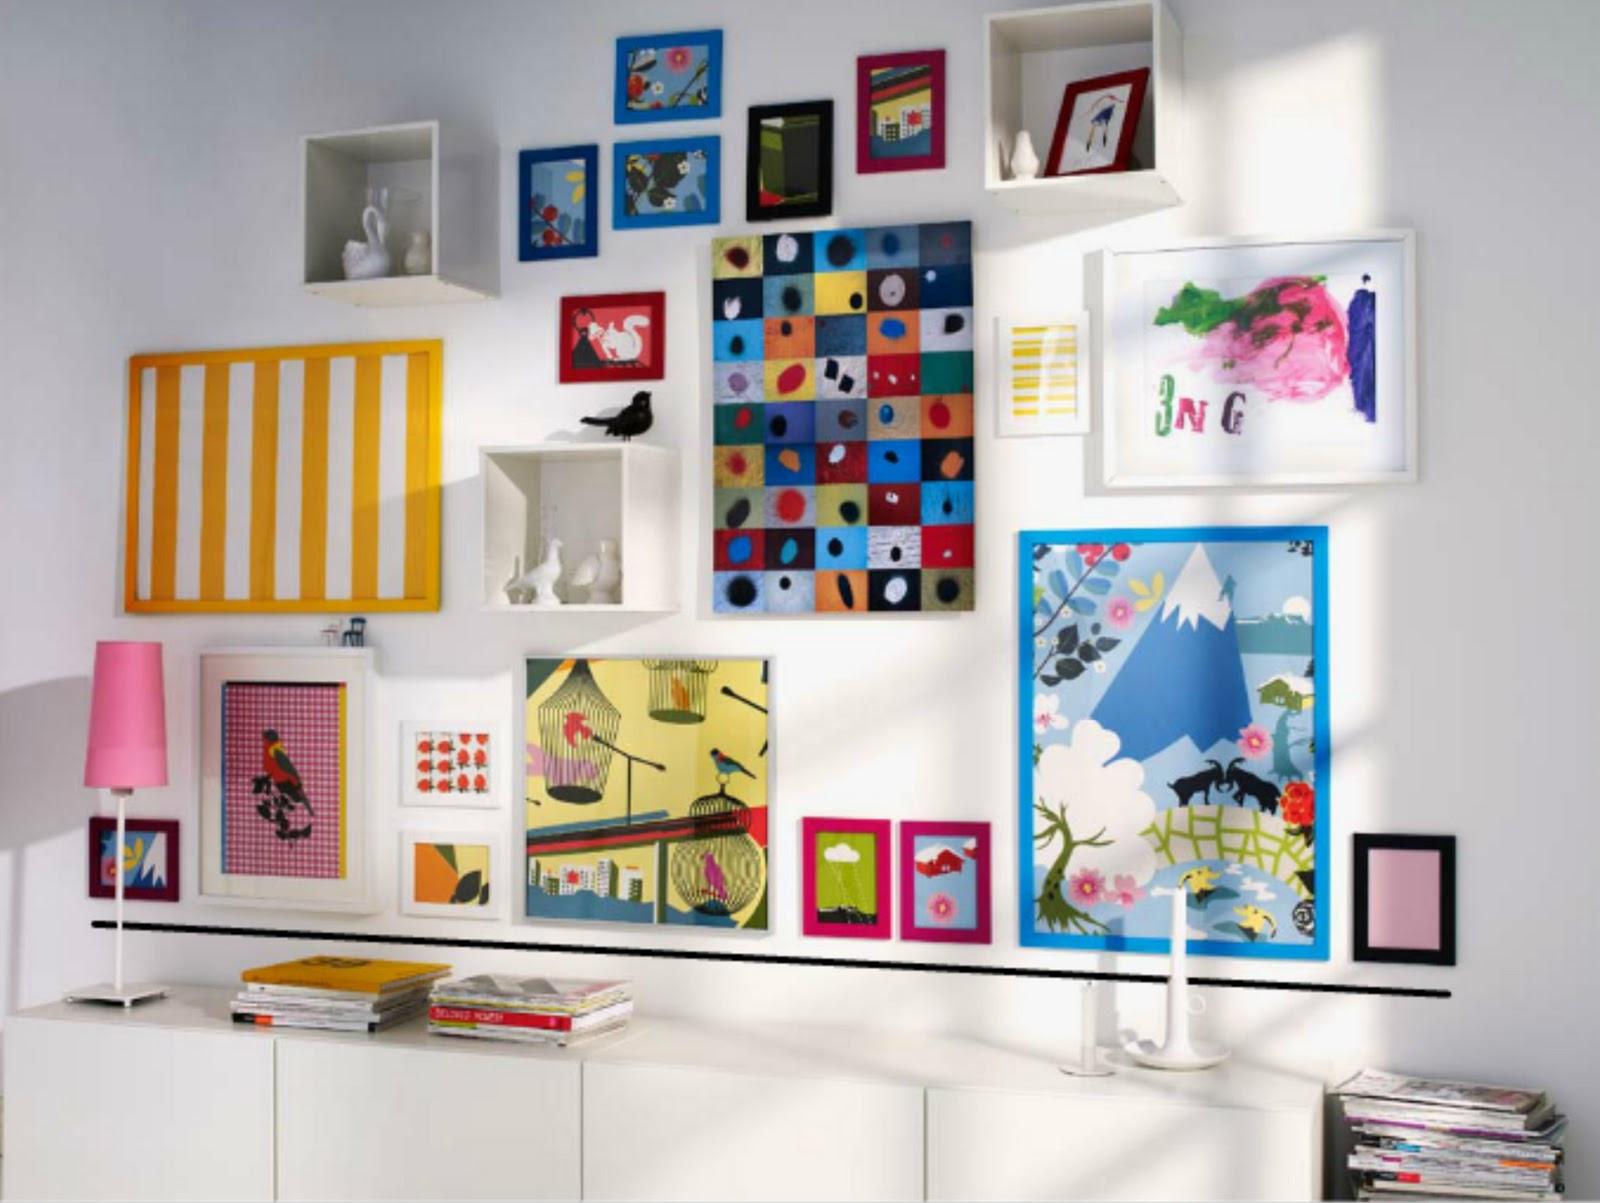 Ikea te ense a c mo colgar los cuadros en las paredes te lo decoro todo - Marcos para cuadros ikea ...